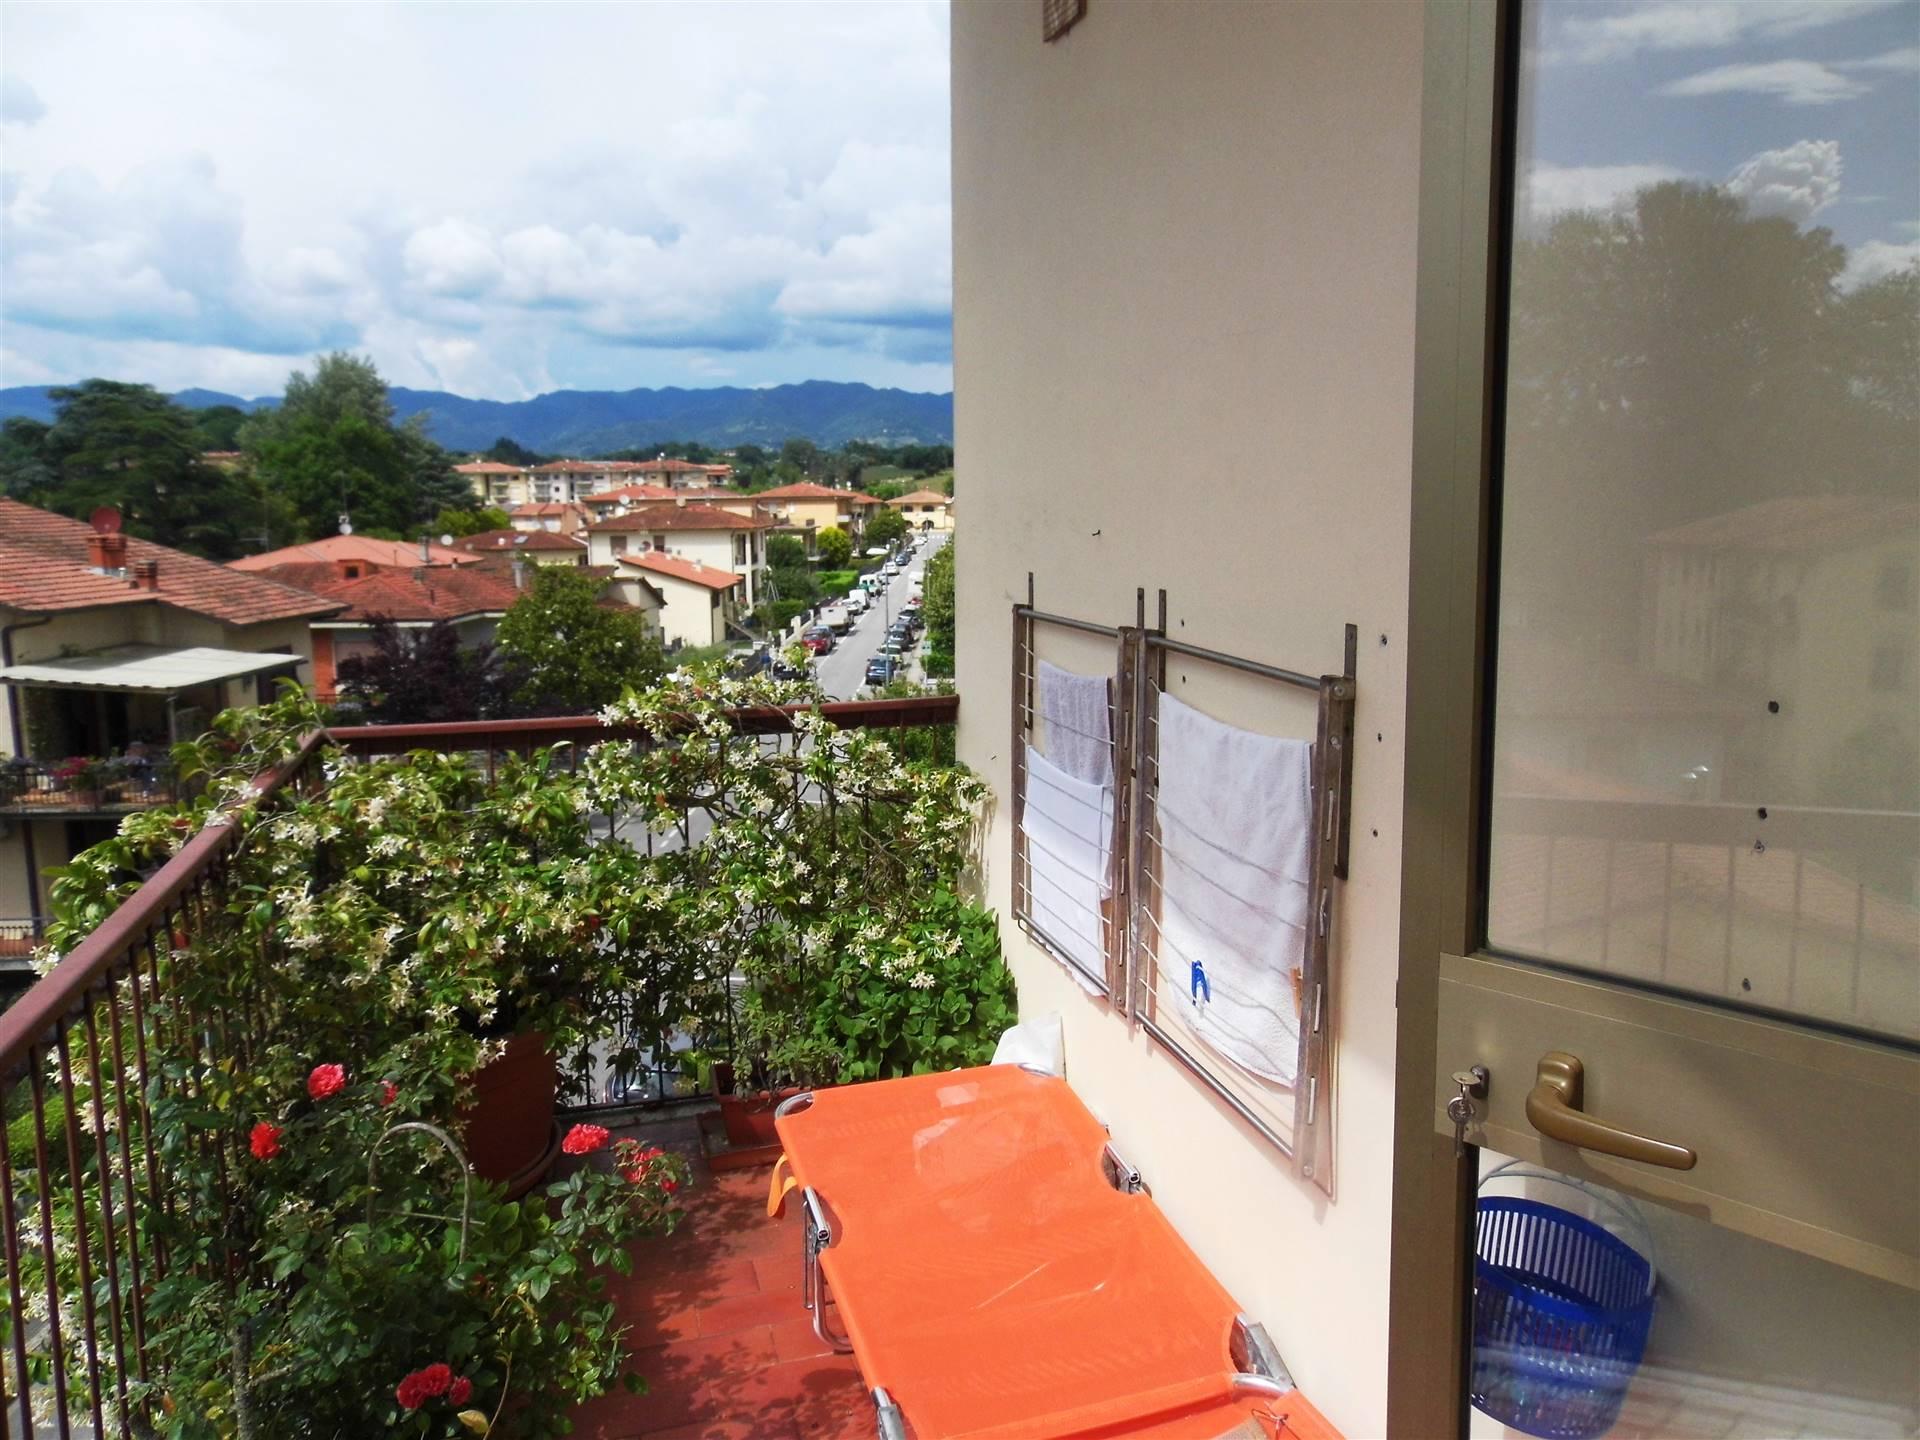 Appartamento in vendita a Borgo San Lorenzo, 4 locali, zona Località: PAESE, prezzo € 159.000   PortaleAgenzieImmobiliari.it